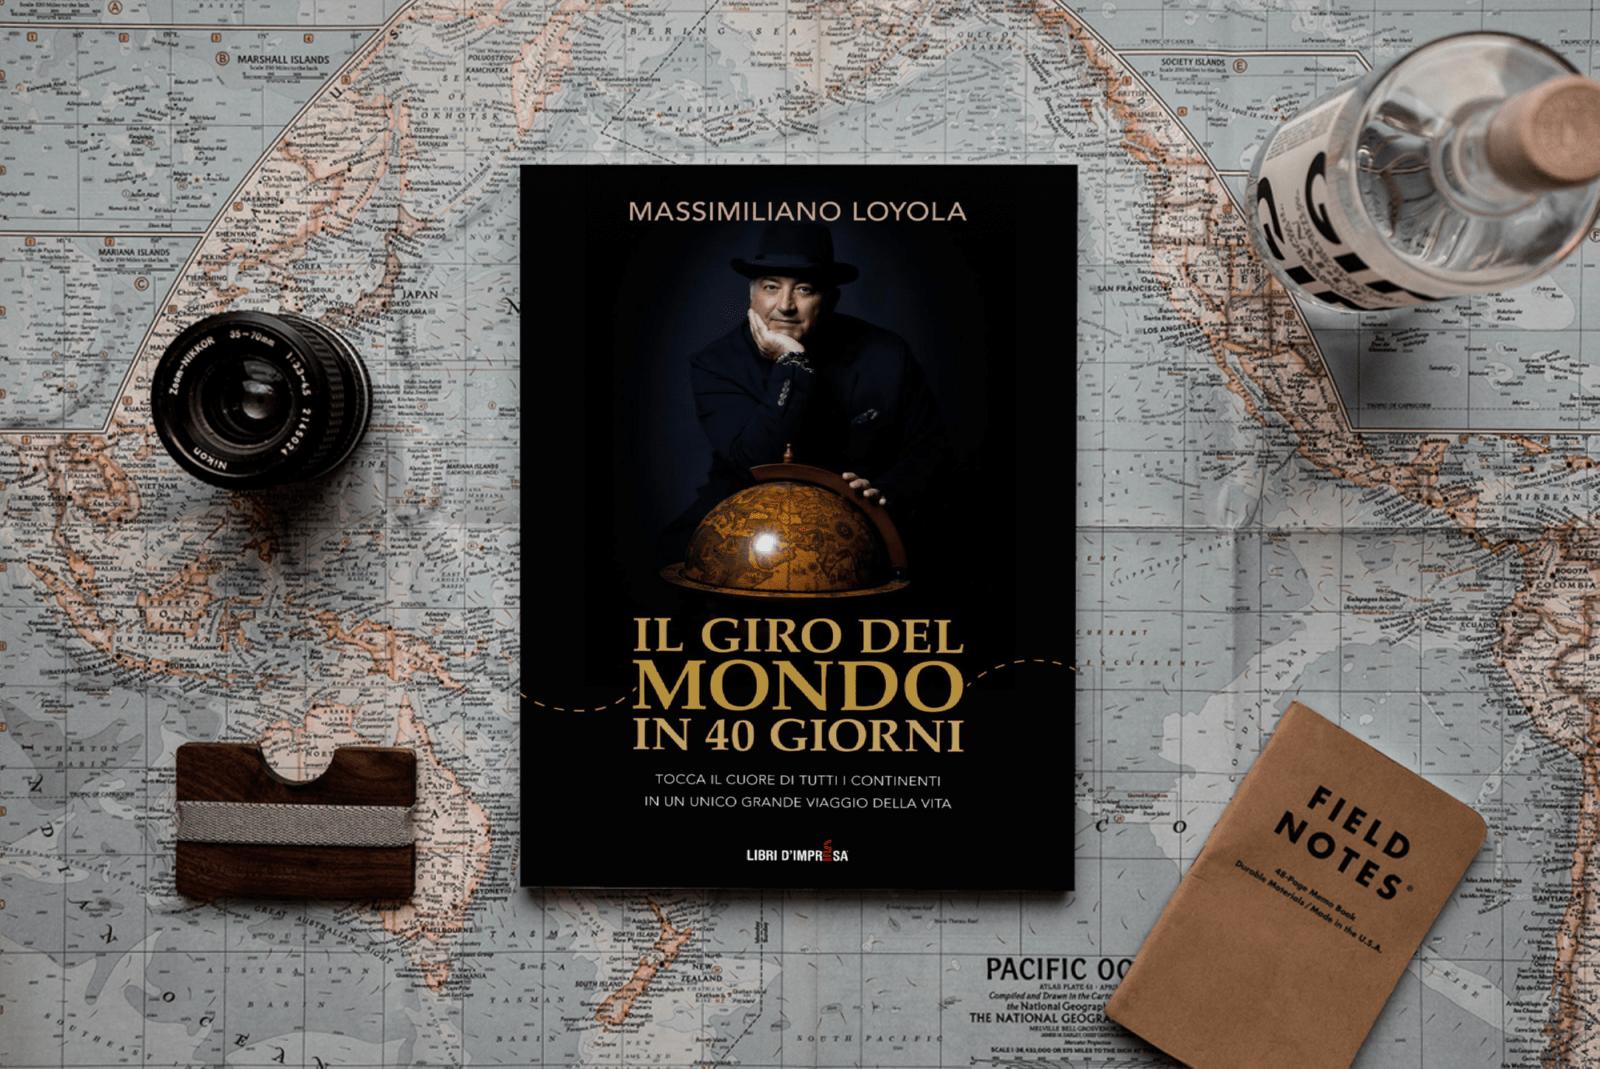 il Giro del Mondo in 40 Giorni - Massimiliano Loyola libro - Libri d'Impresa